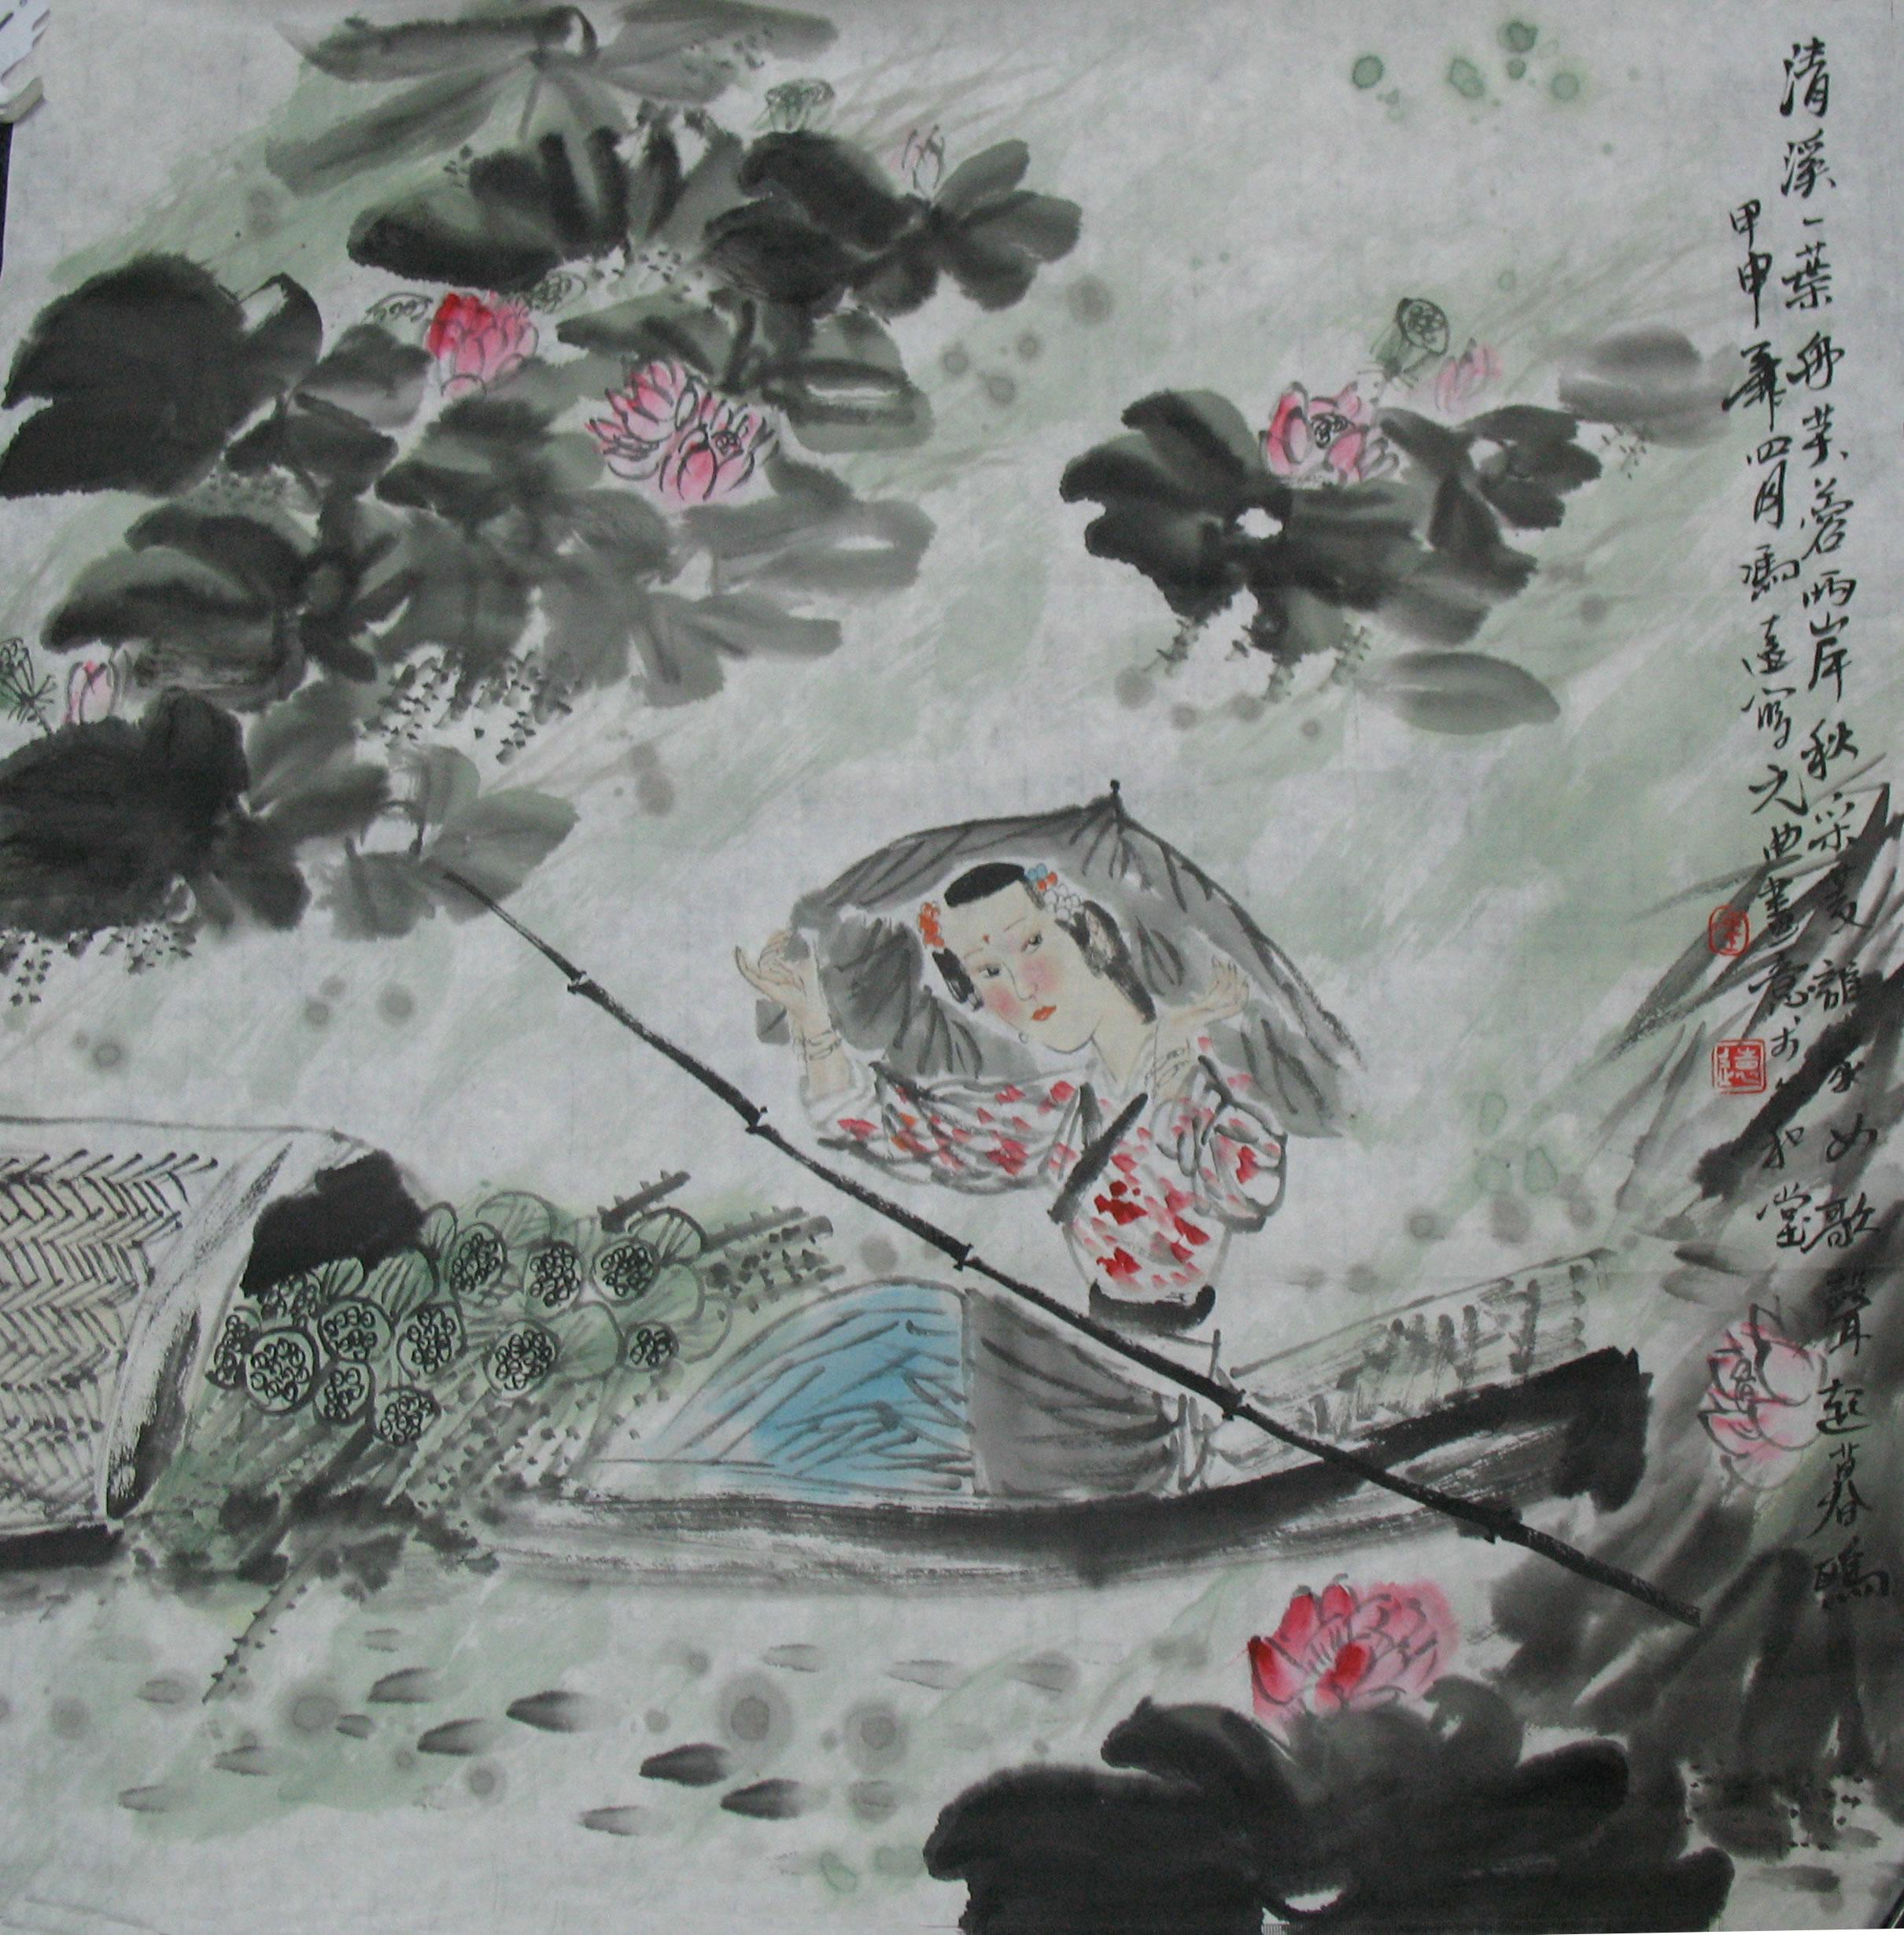 著名画家冯远代表作清溪一叶舟